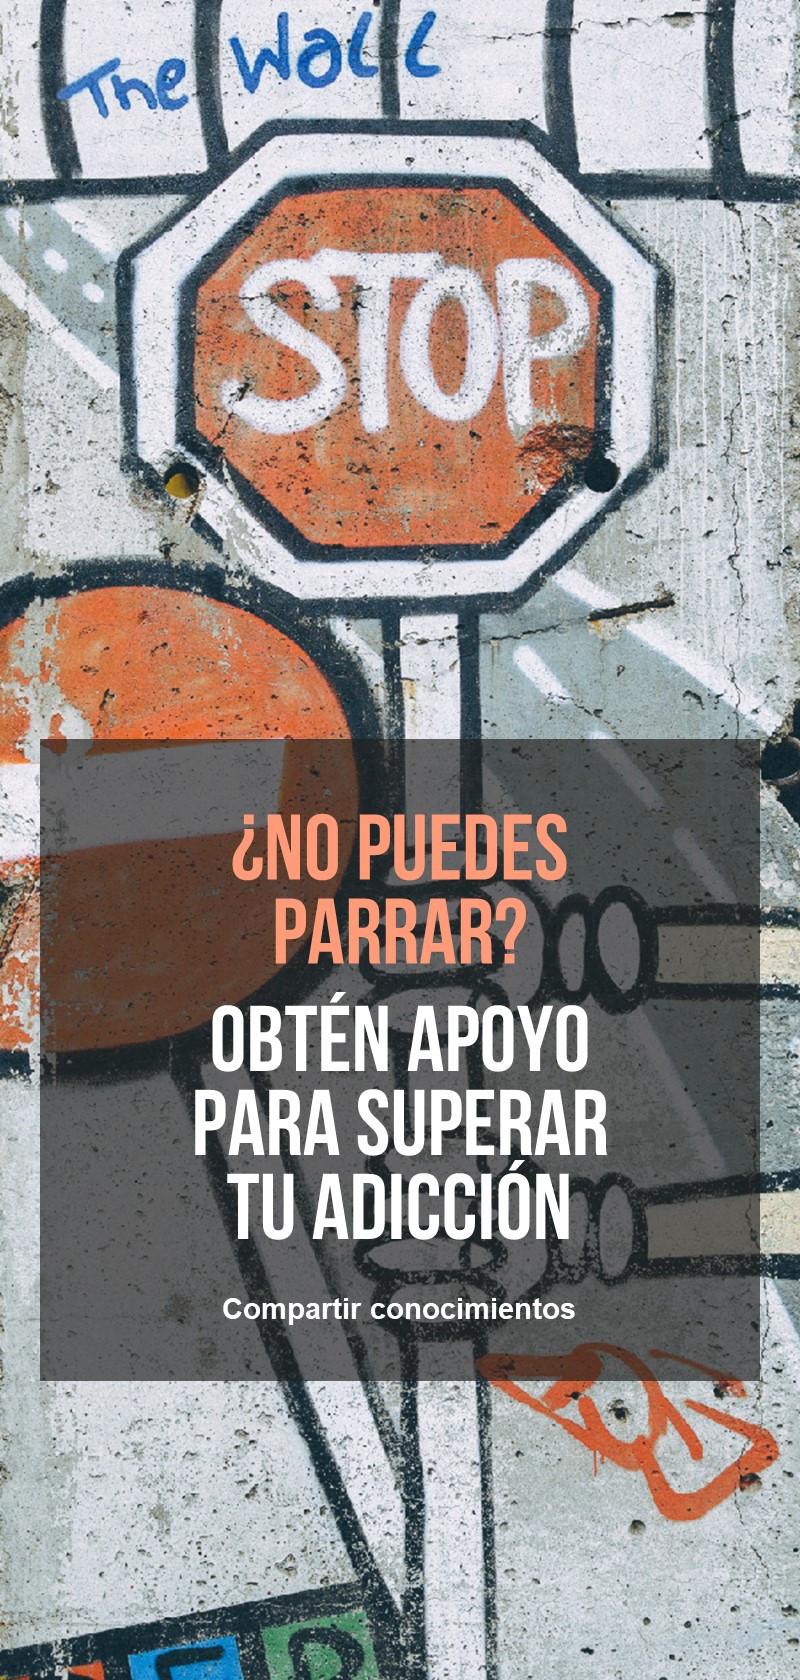 Apoyo para superar la adicción